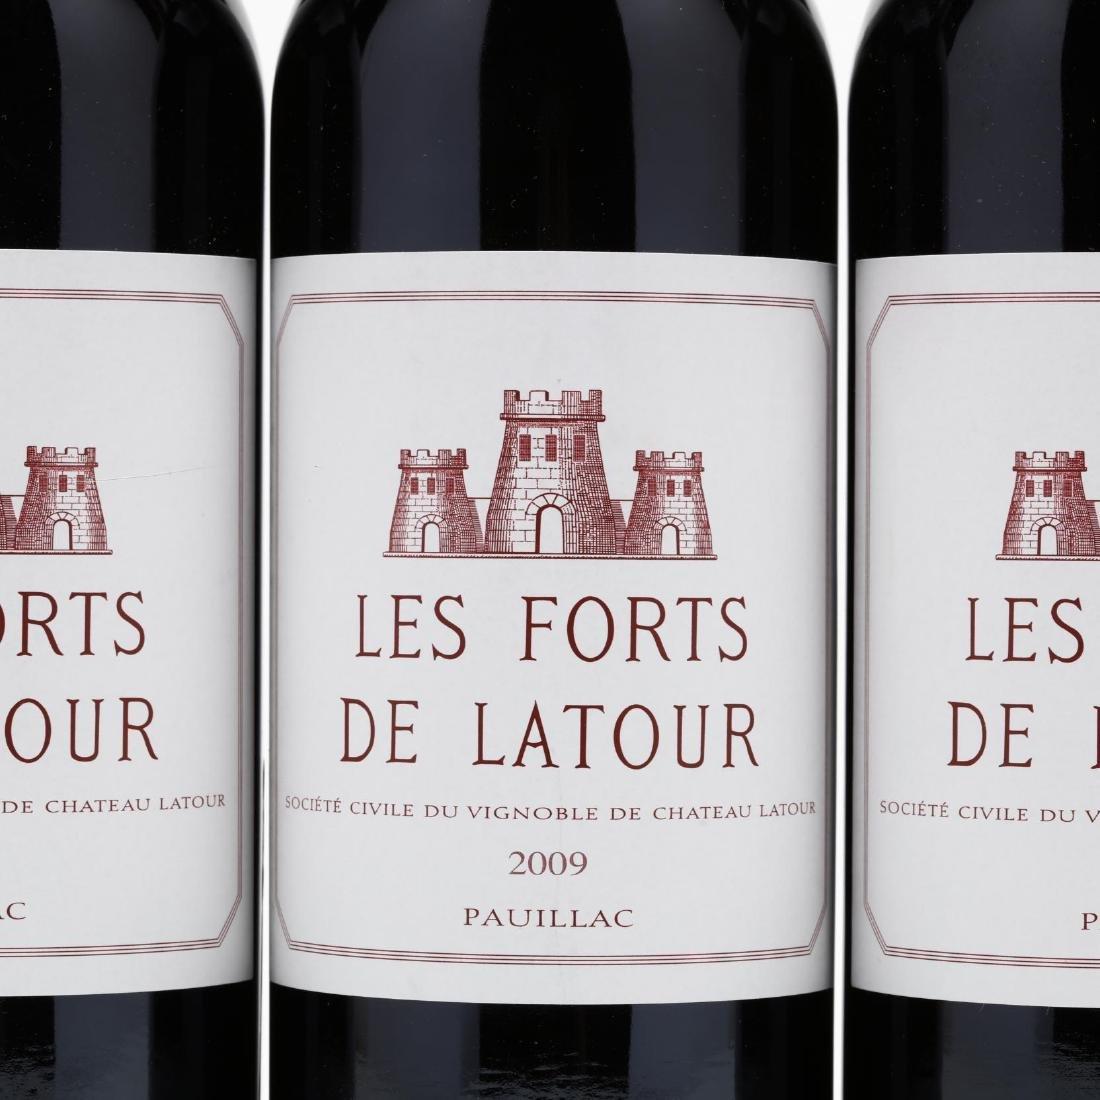 Les Forts de Latour - Vintage 2009 - 2